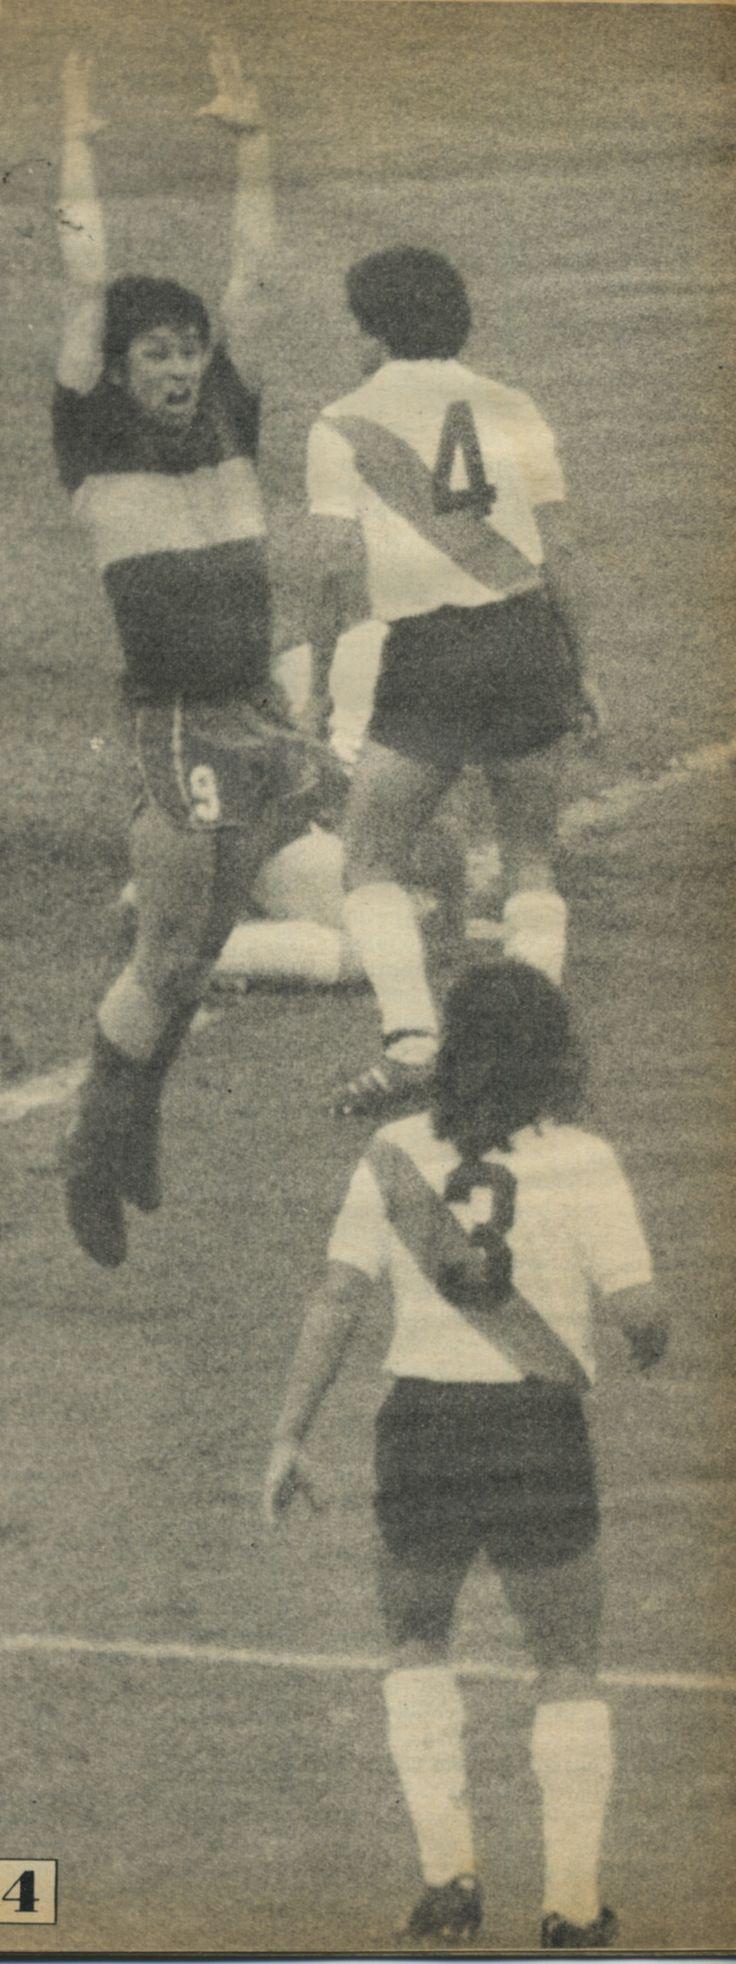 #BocaJuniors - 1975 - Hugo Paulino Sanchez